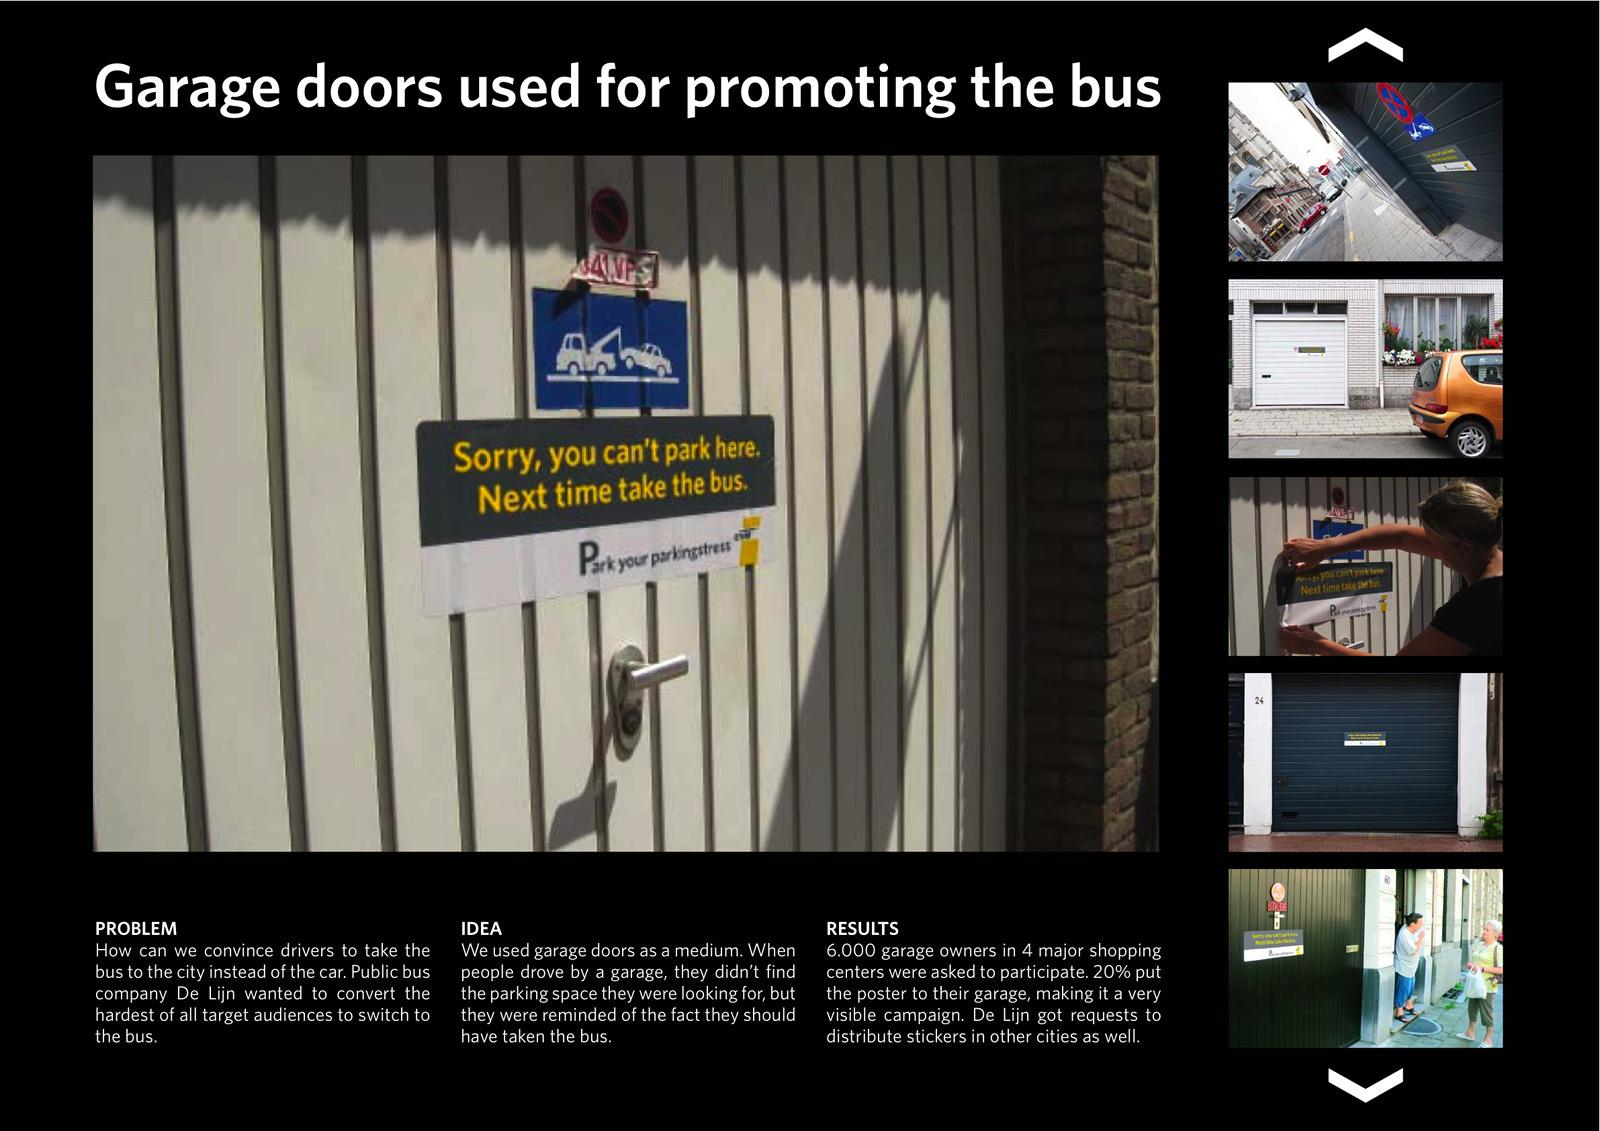 De Lijn Outdoor Ad -  Garage doors